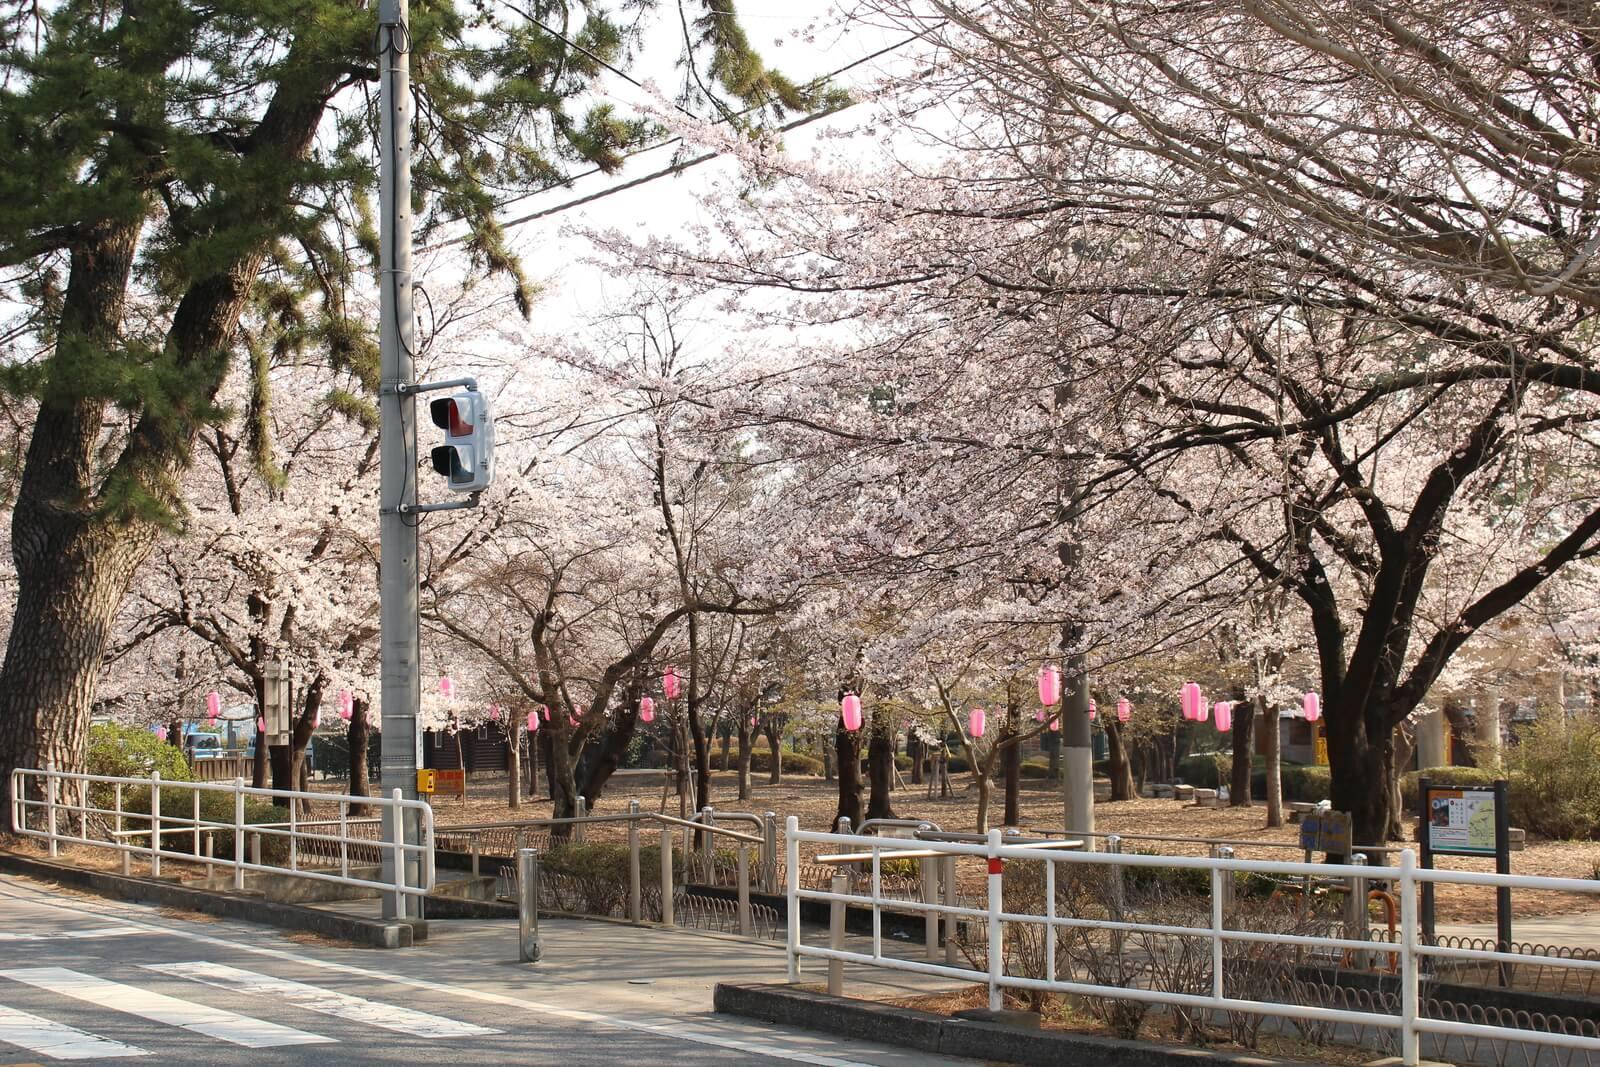 華蔵寺公園南側のステージ裏は結構キレイに咲いていました